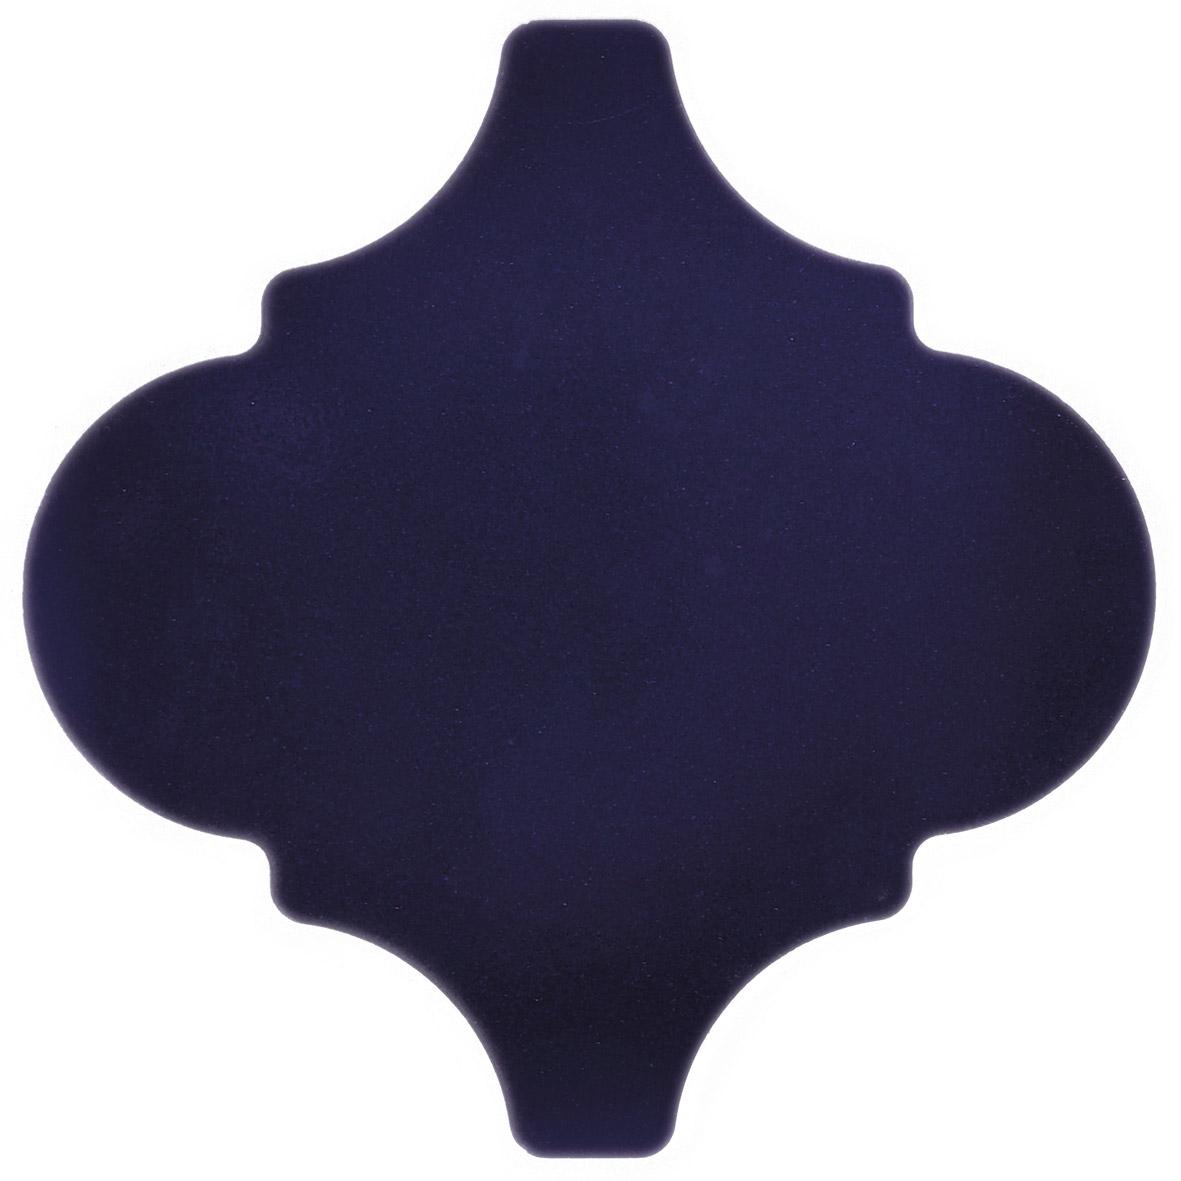 ARB5010, Arabesque, Sininen, seina